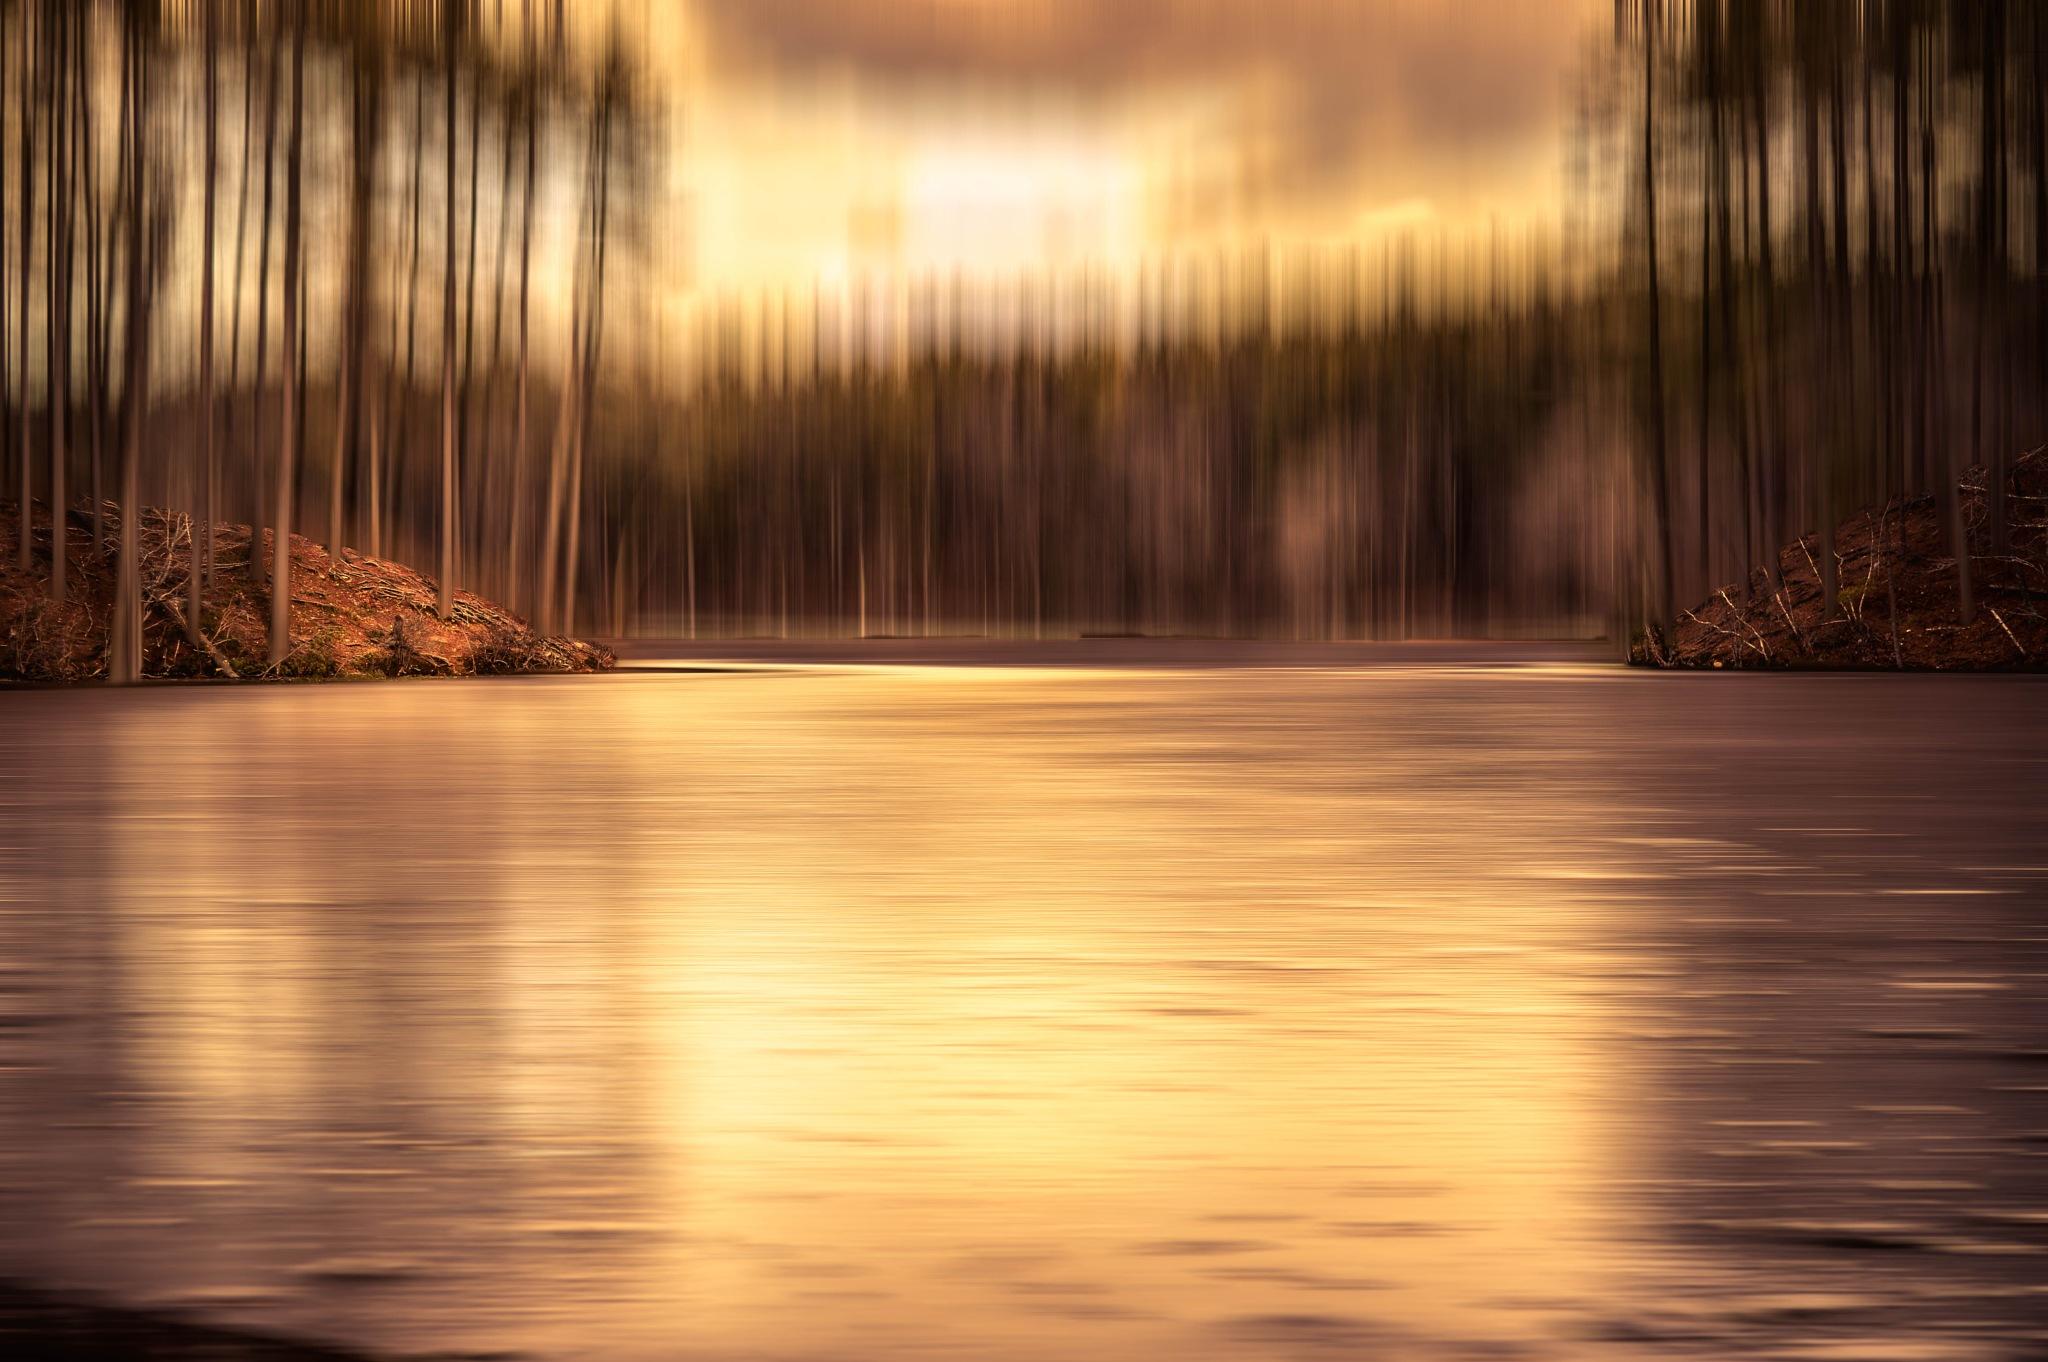 Frozen dusk by sue_duq